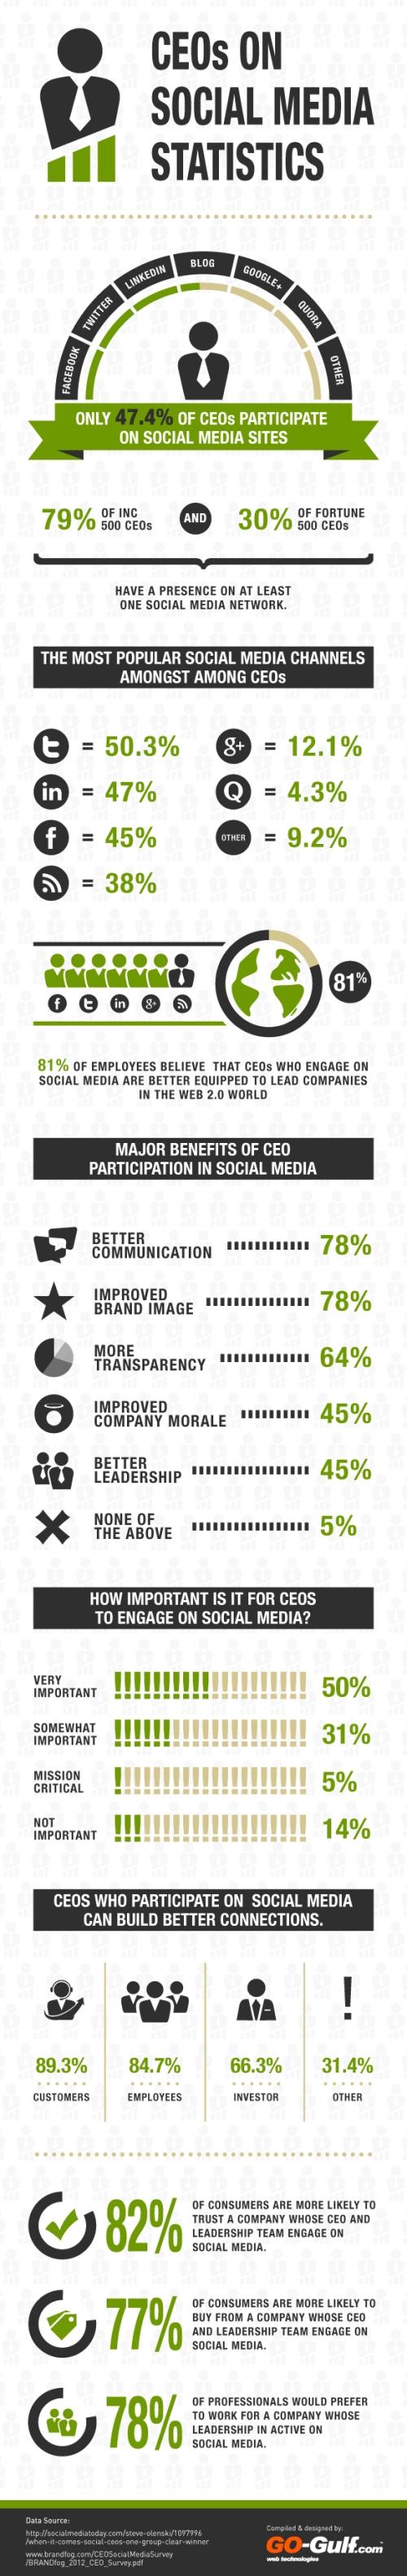 ceo-social-media